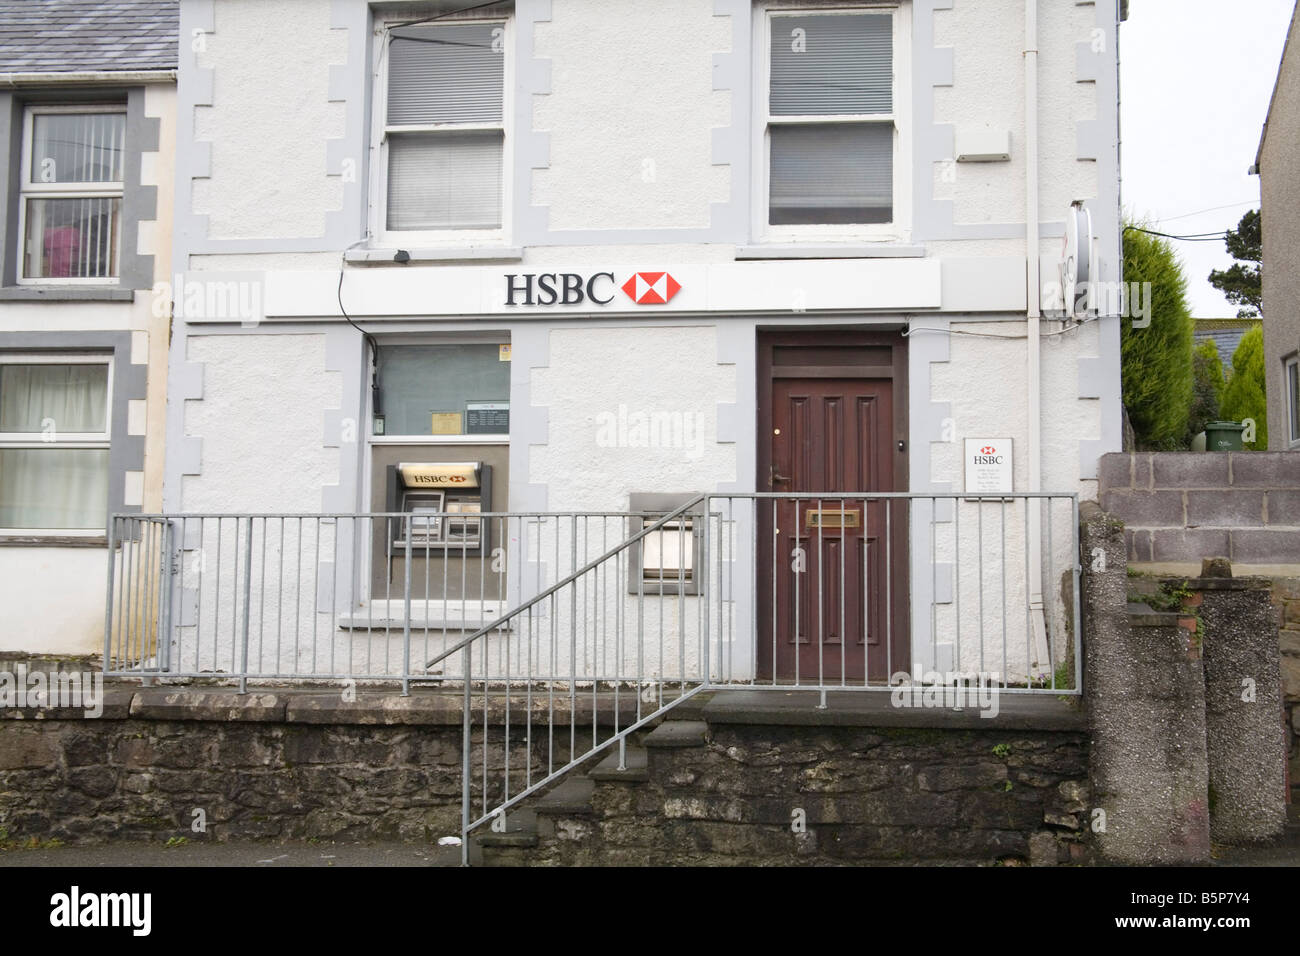 Hsbc Bank Atm Stock Photos & Hsbc Bank Atm Stock Images - Alamy